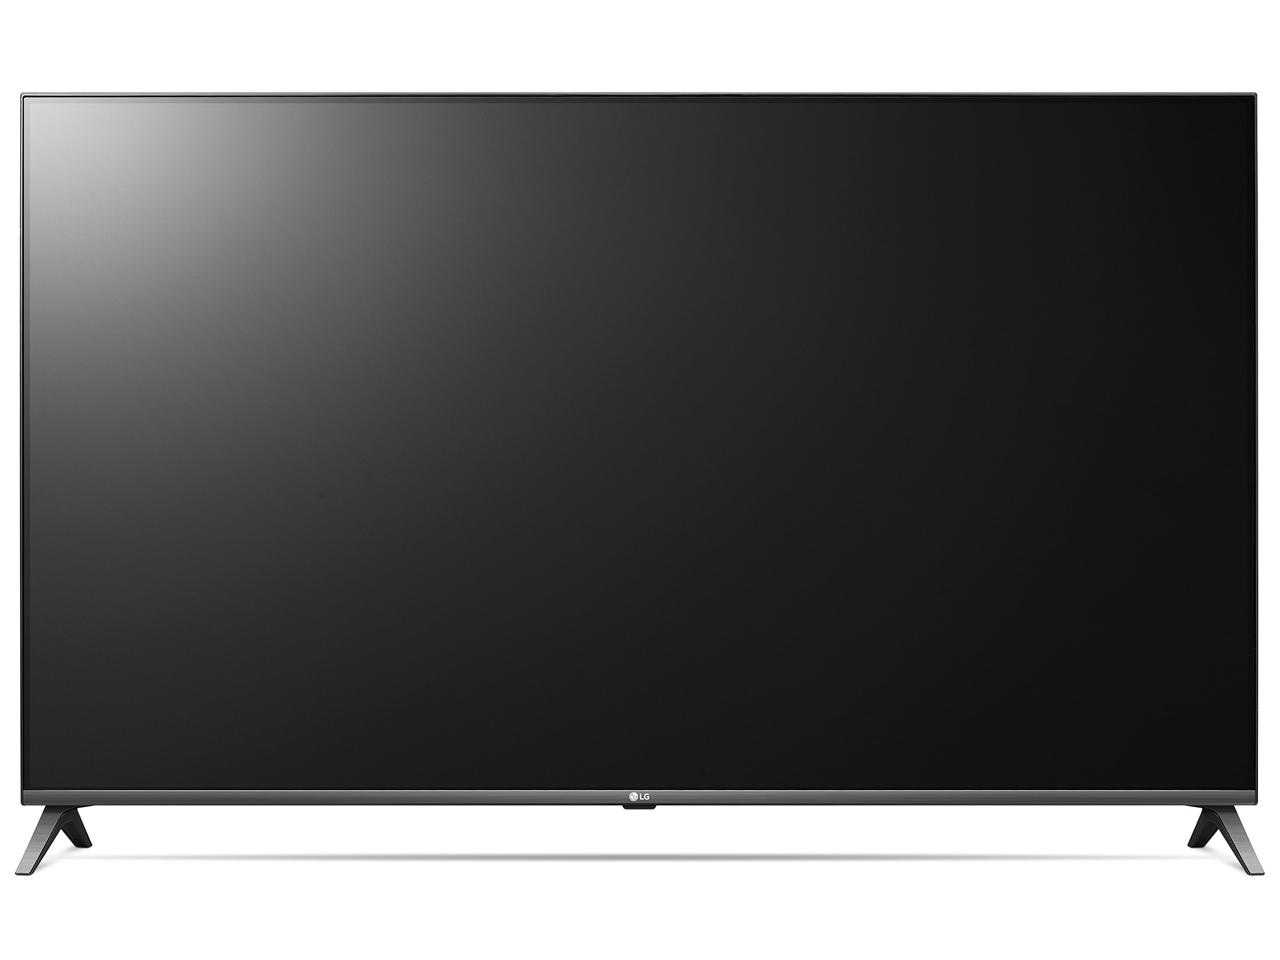 LGの65型液晶テレビ:65UM7500PJA